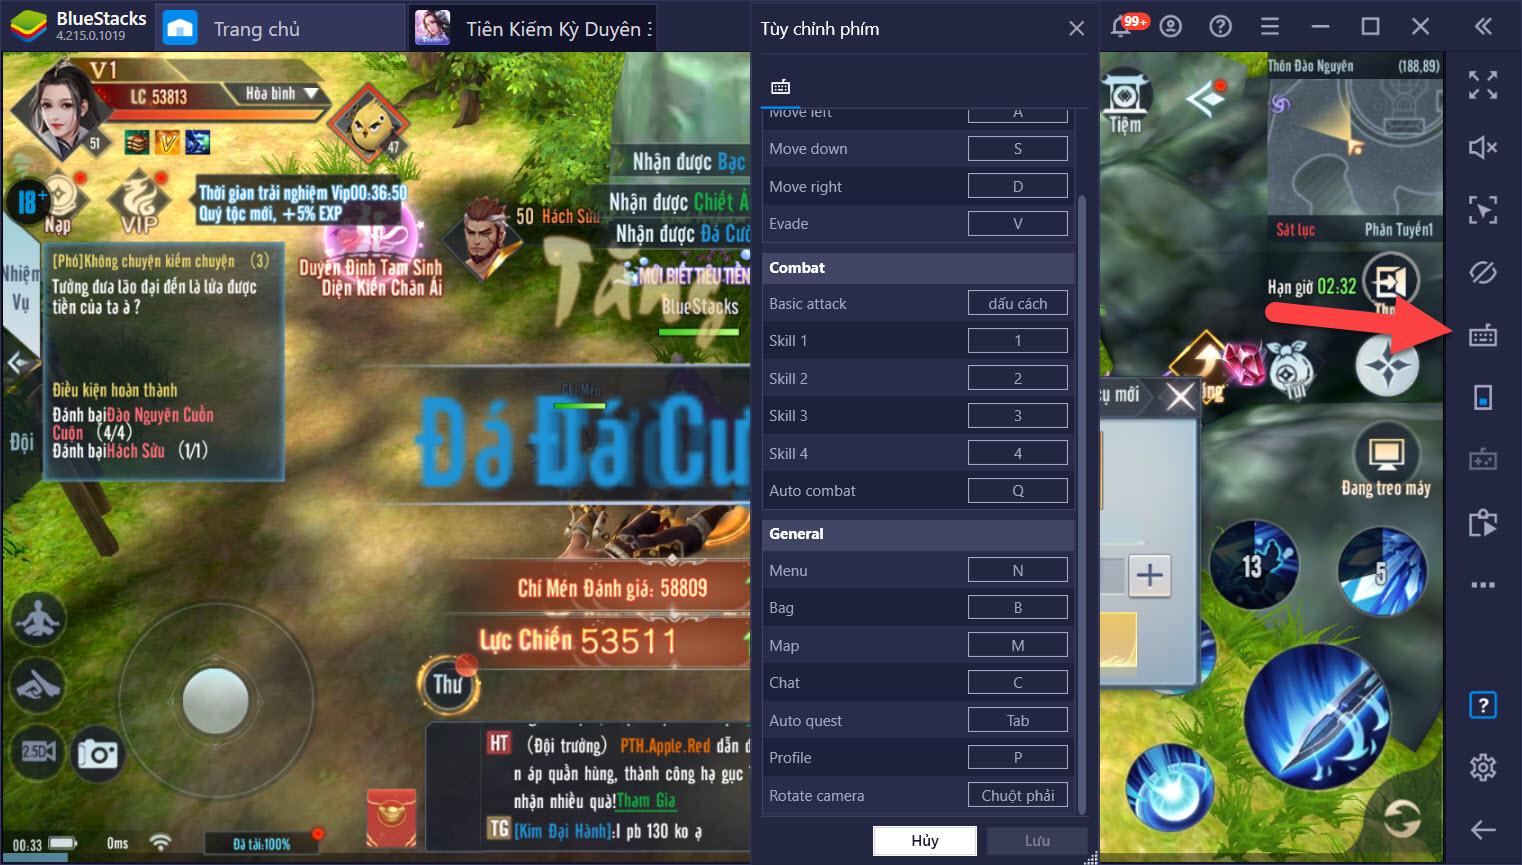 Thiết lập Game Controls, hỗ trợ chơi Tiên Kiếm Kỳ Duyên 3D trên PC